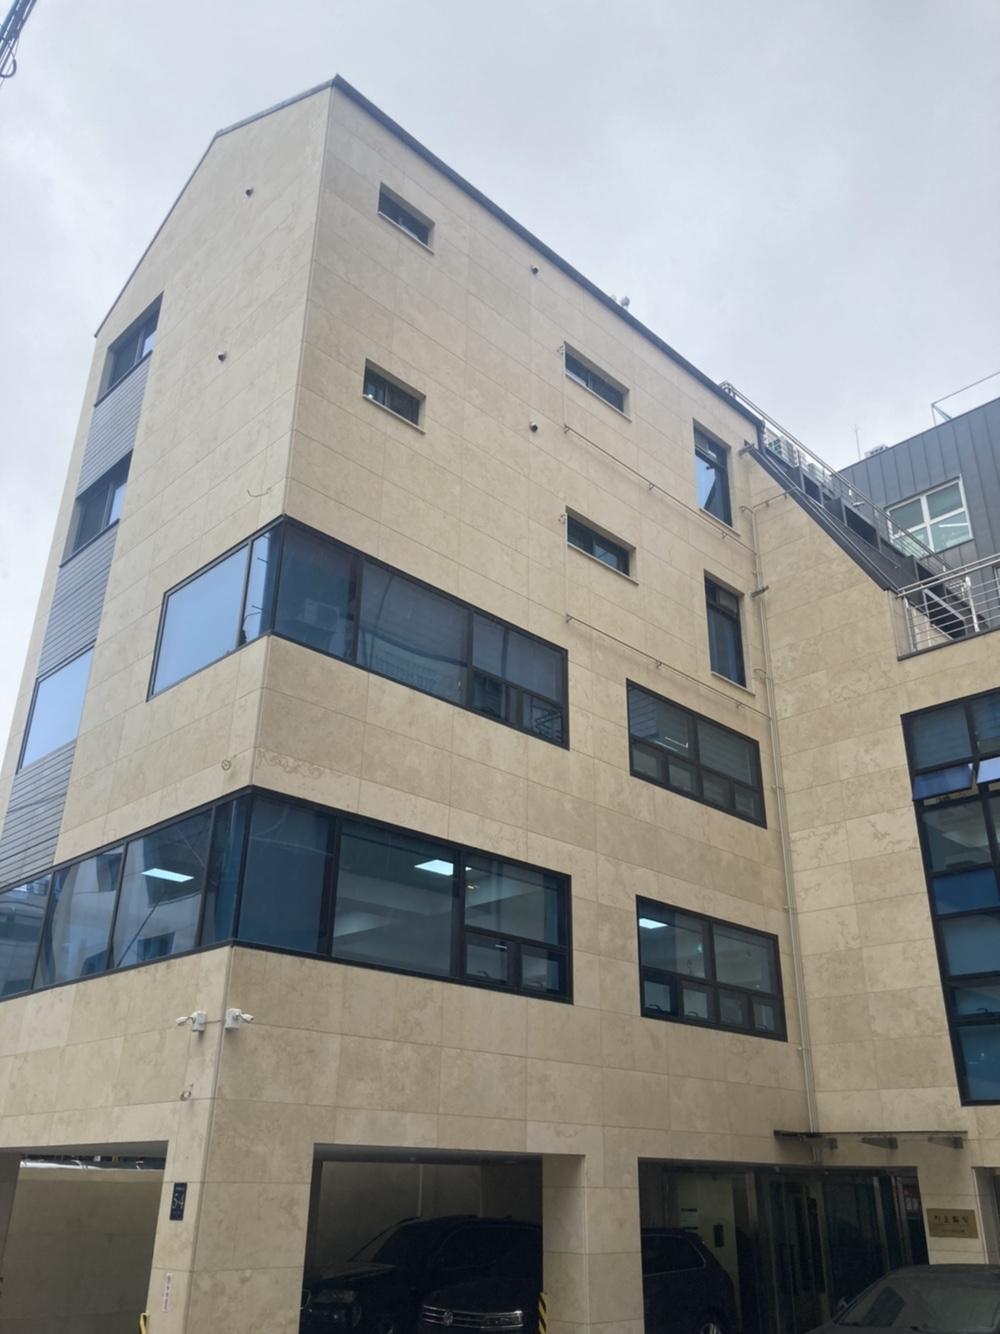 더퓨쳐컴퍼니 본사 건물입니다.